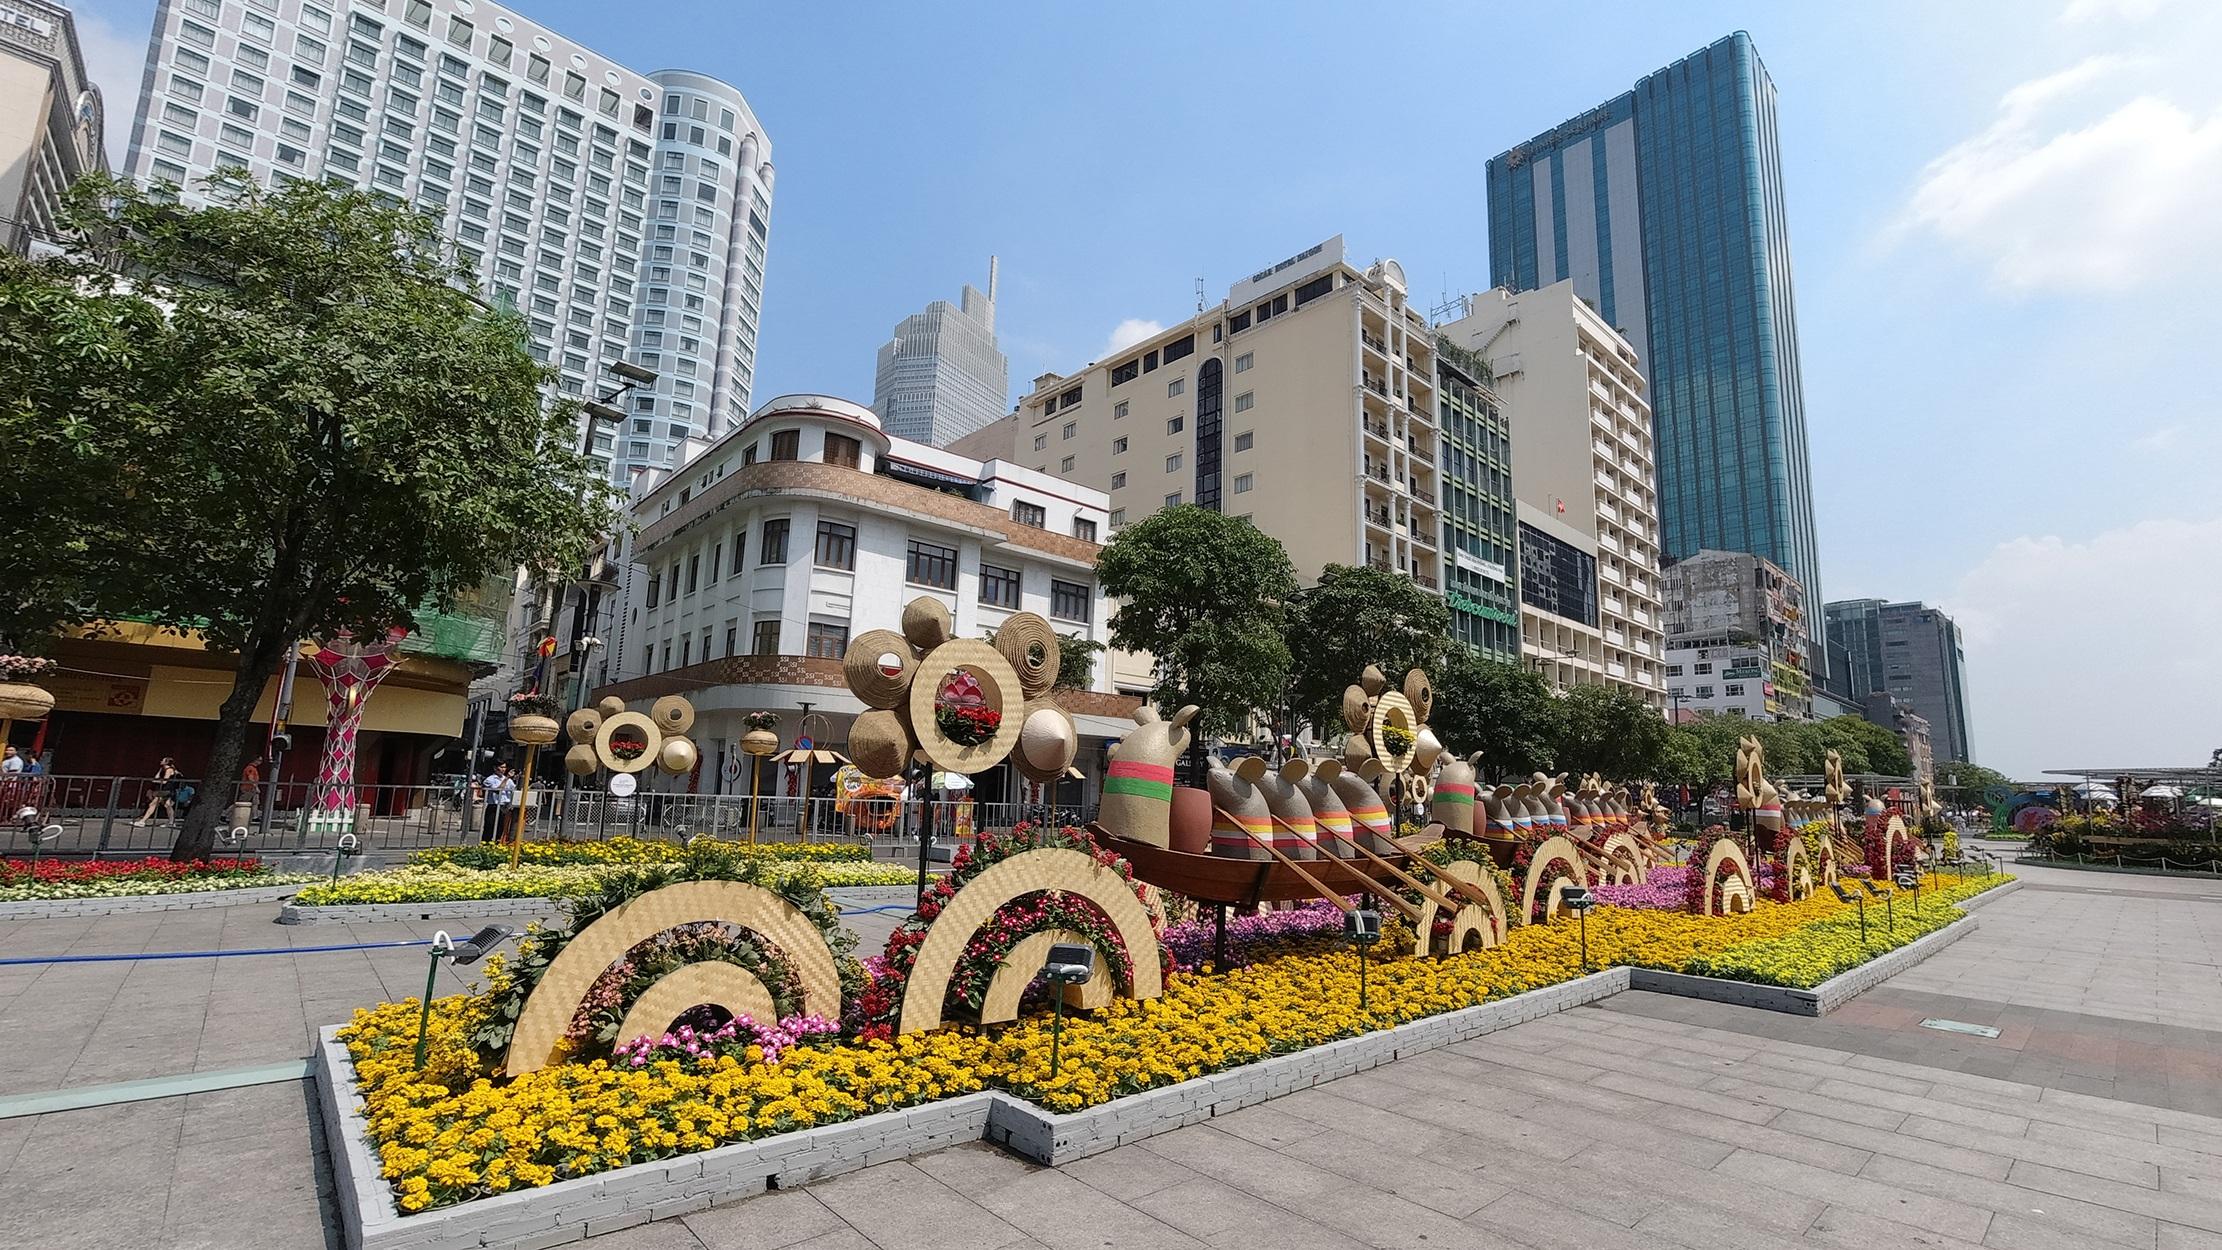 Mãn nhãn ngắm đường hoa Nguyễn Huệ trước giờ G - 18